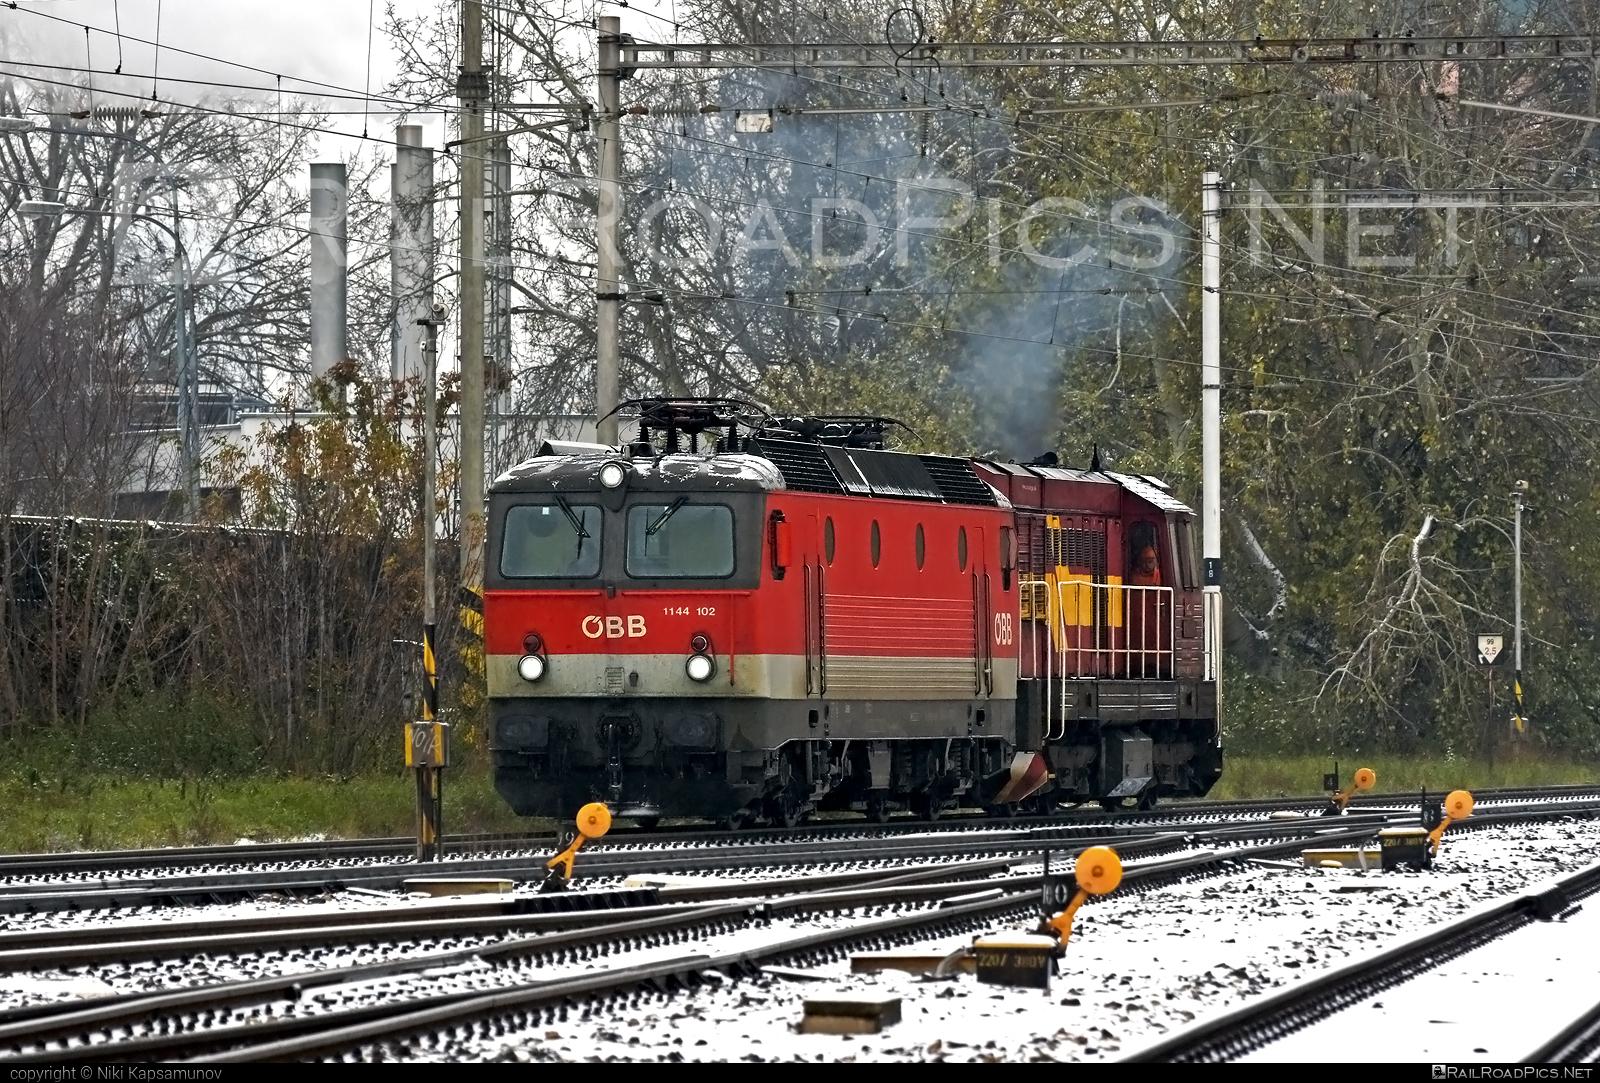 SGP ÖBB Class 1144 - 1144 102 operated by Rail Cargo Austria AG #obb #obbclass1144 #osterreichischebundesbahnen #rcw #sgp #sgp1144 #simmeringgrazpauker